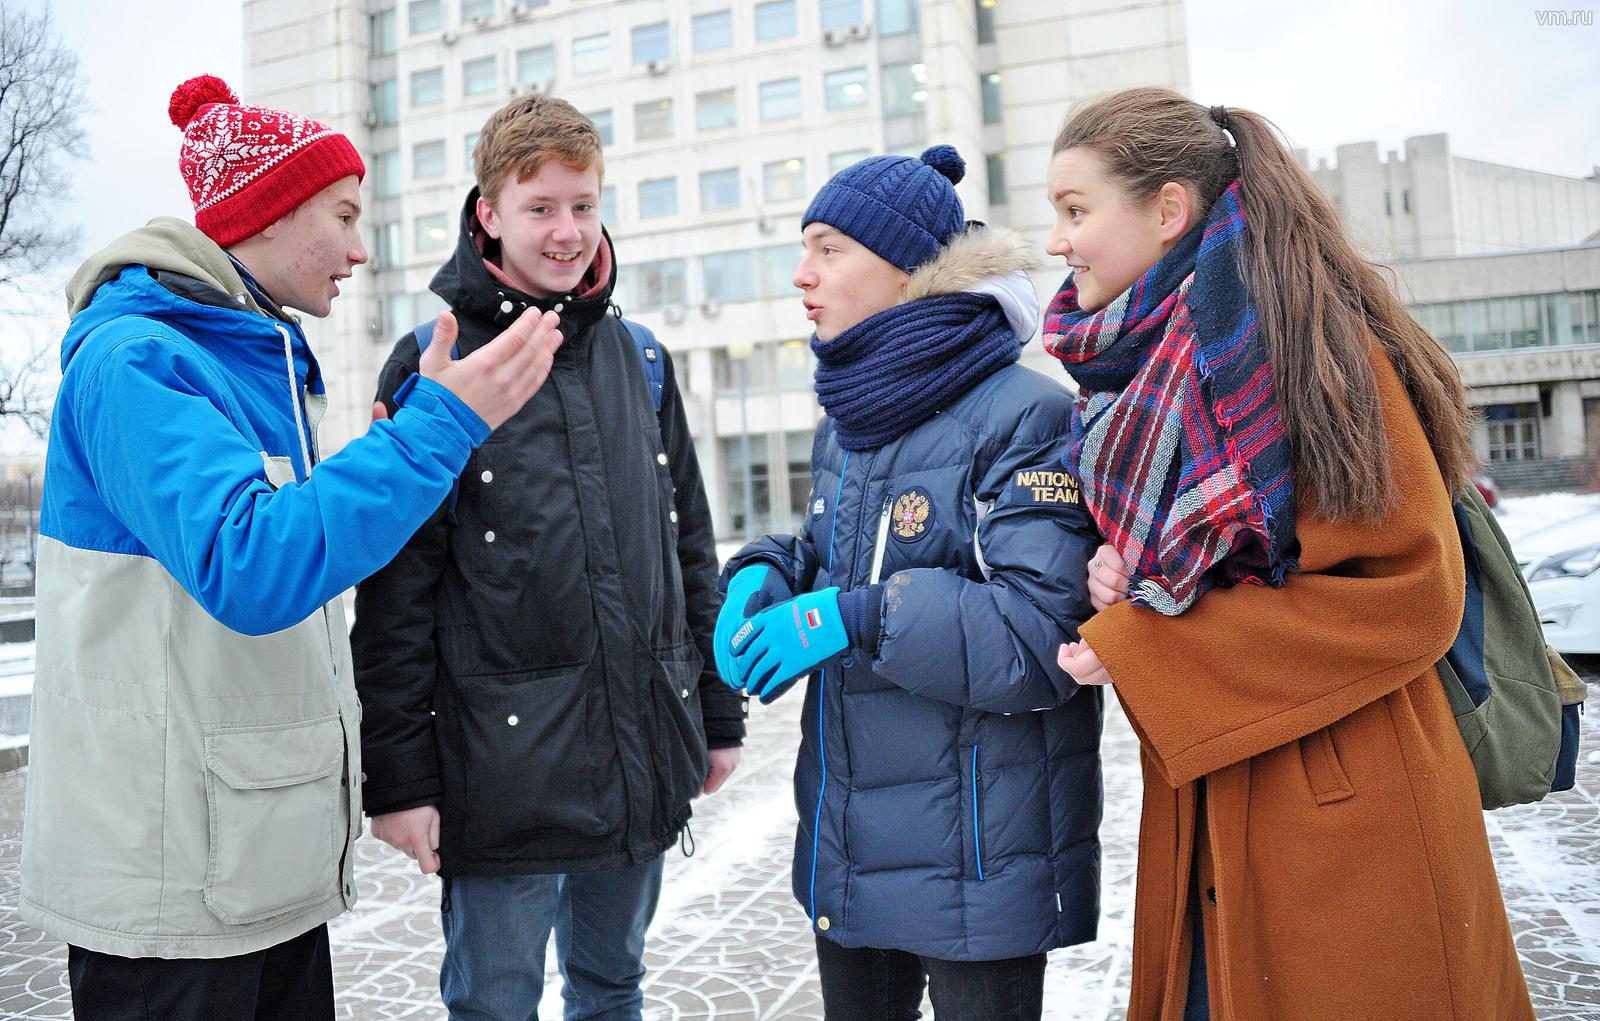 Ученики столичной школы № 2116 (слева направо) Федор Гурьев, Александр Шахов, Алексей Барышевский и Анна Андрусенко будут проектировать город будущего